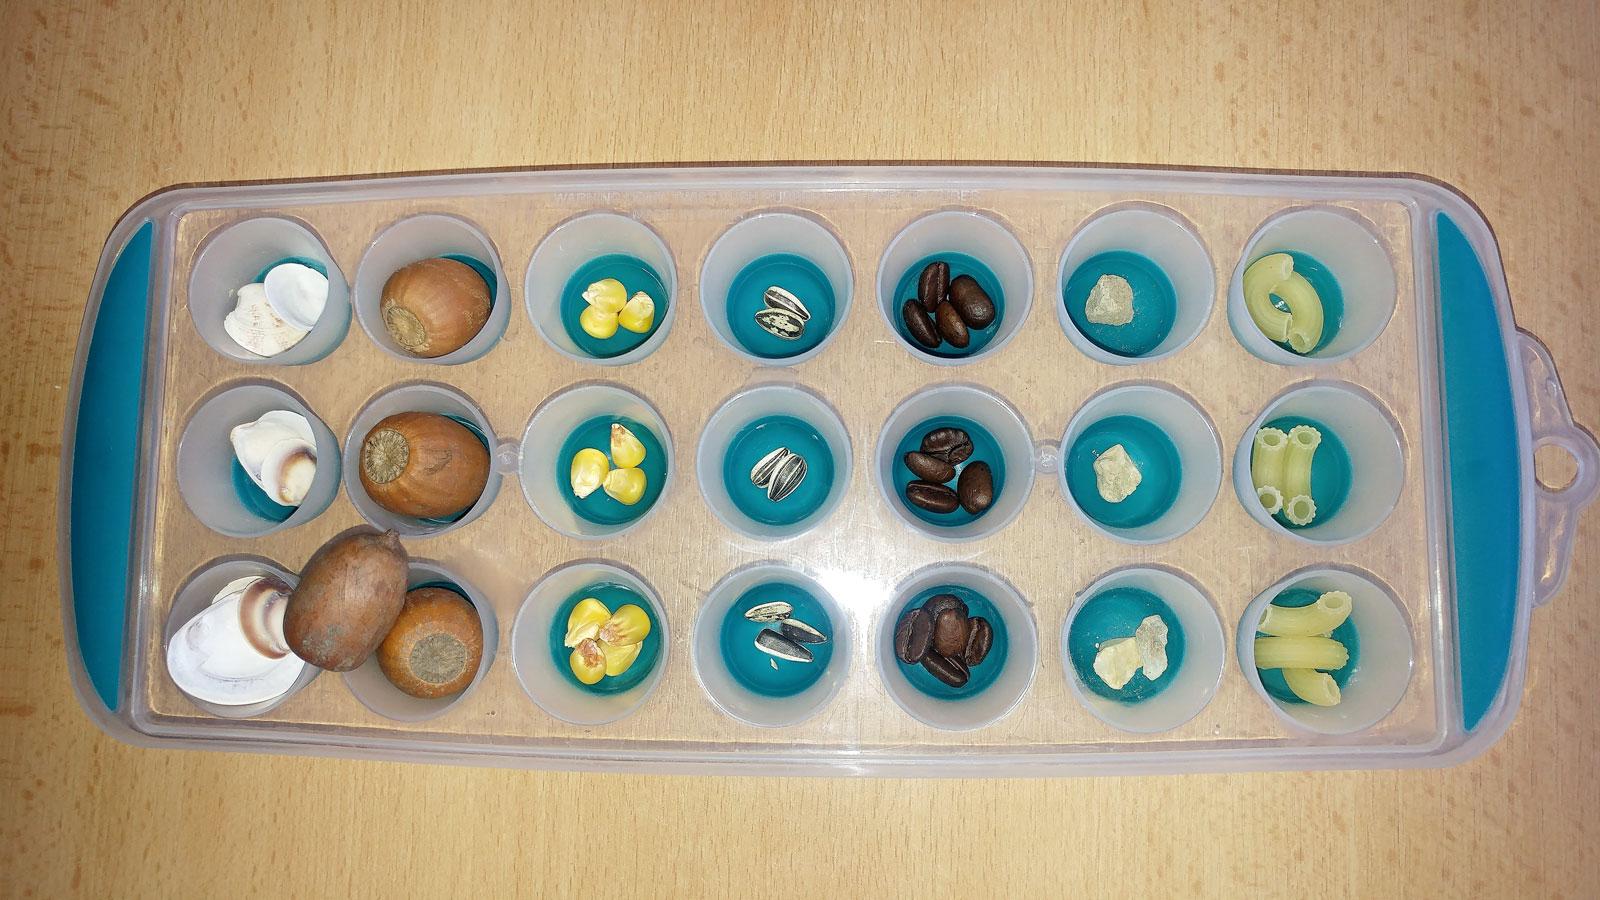 Hra rozvíjející matematické dovednosti s pomocí tvořítka na led a přírodnin_5. Dítě doplnilo 2. řádek - v každém poli tolik předmětů, jako bylo v 1. řádku. Zdroj Archiv Vladimíry Tomíkové.